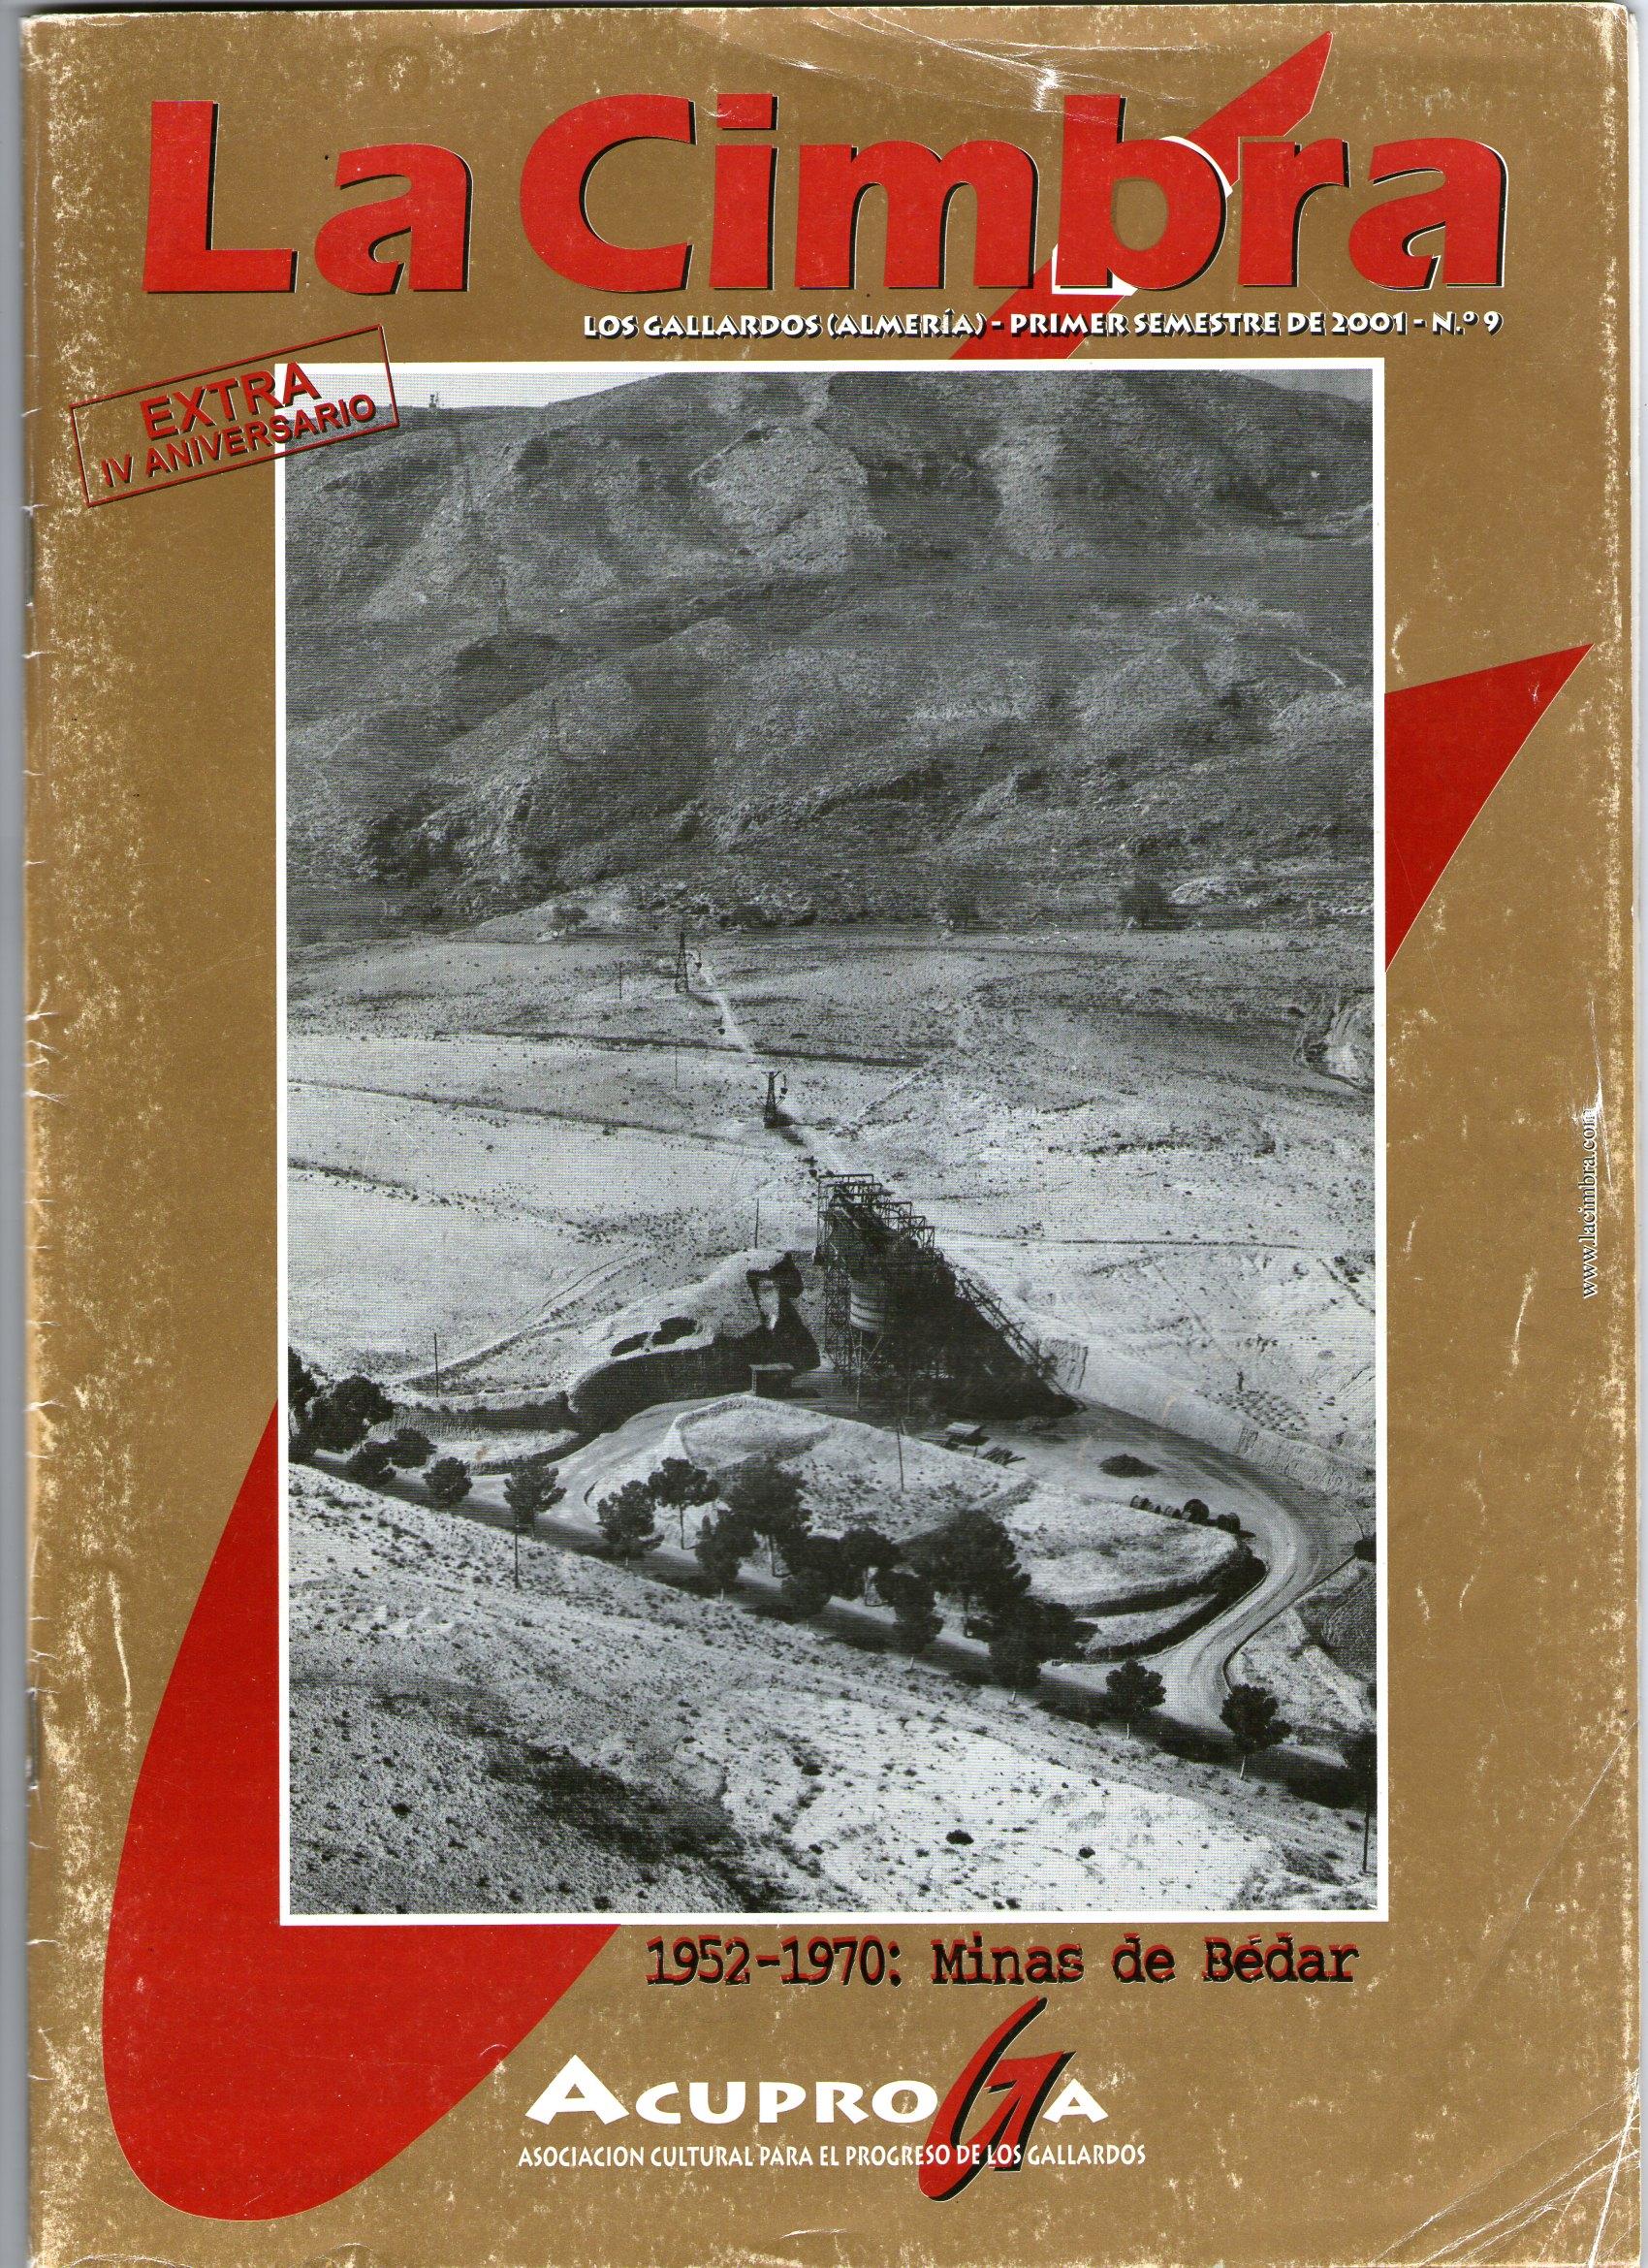 DURO FELGUERA005